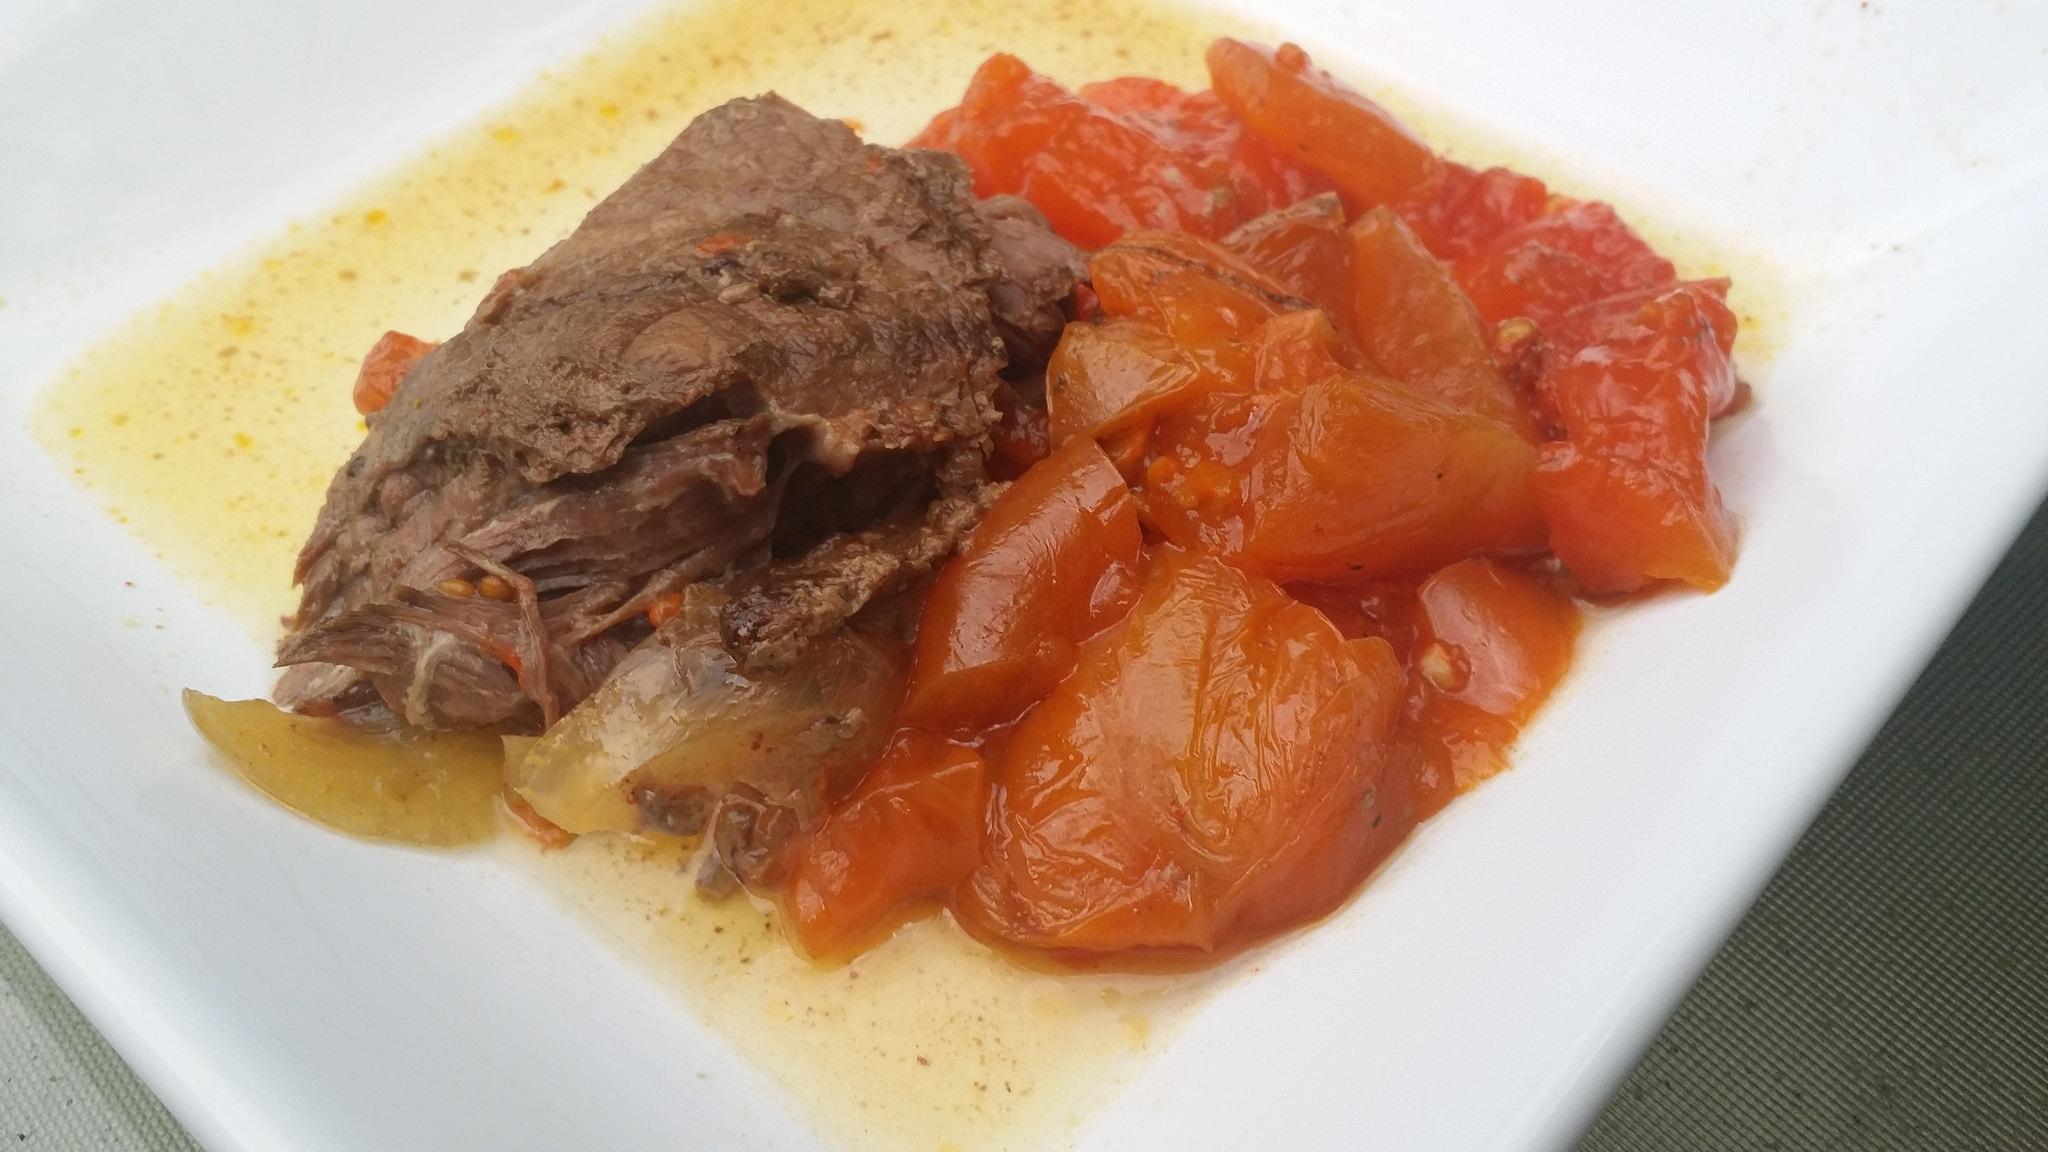 #SundaySupper Slow Cooker English Roast